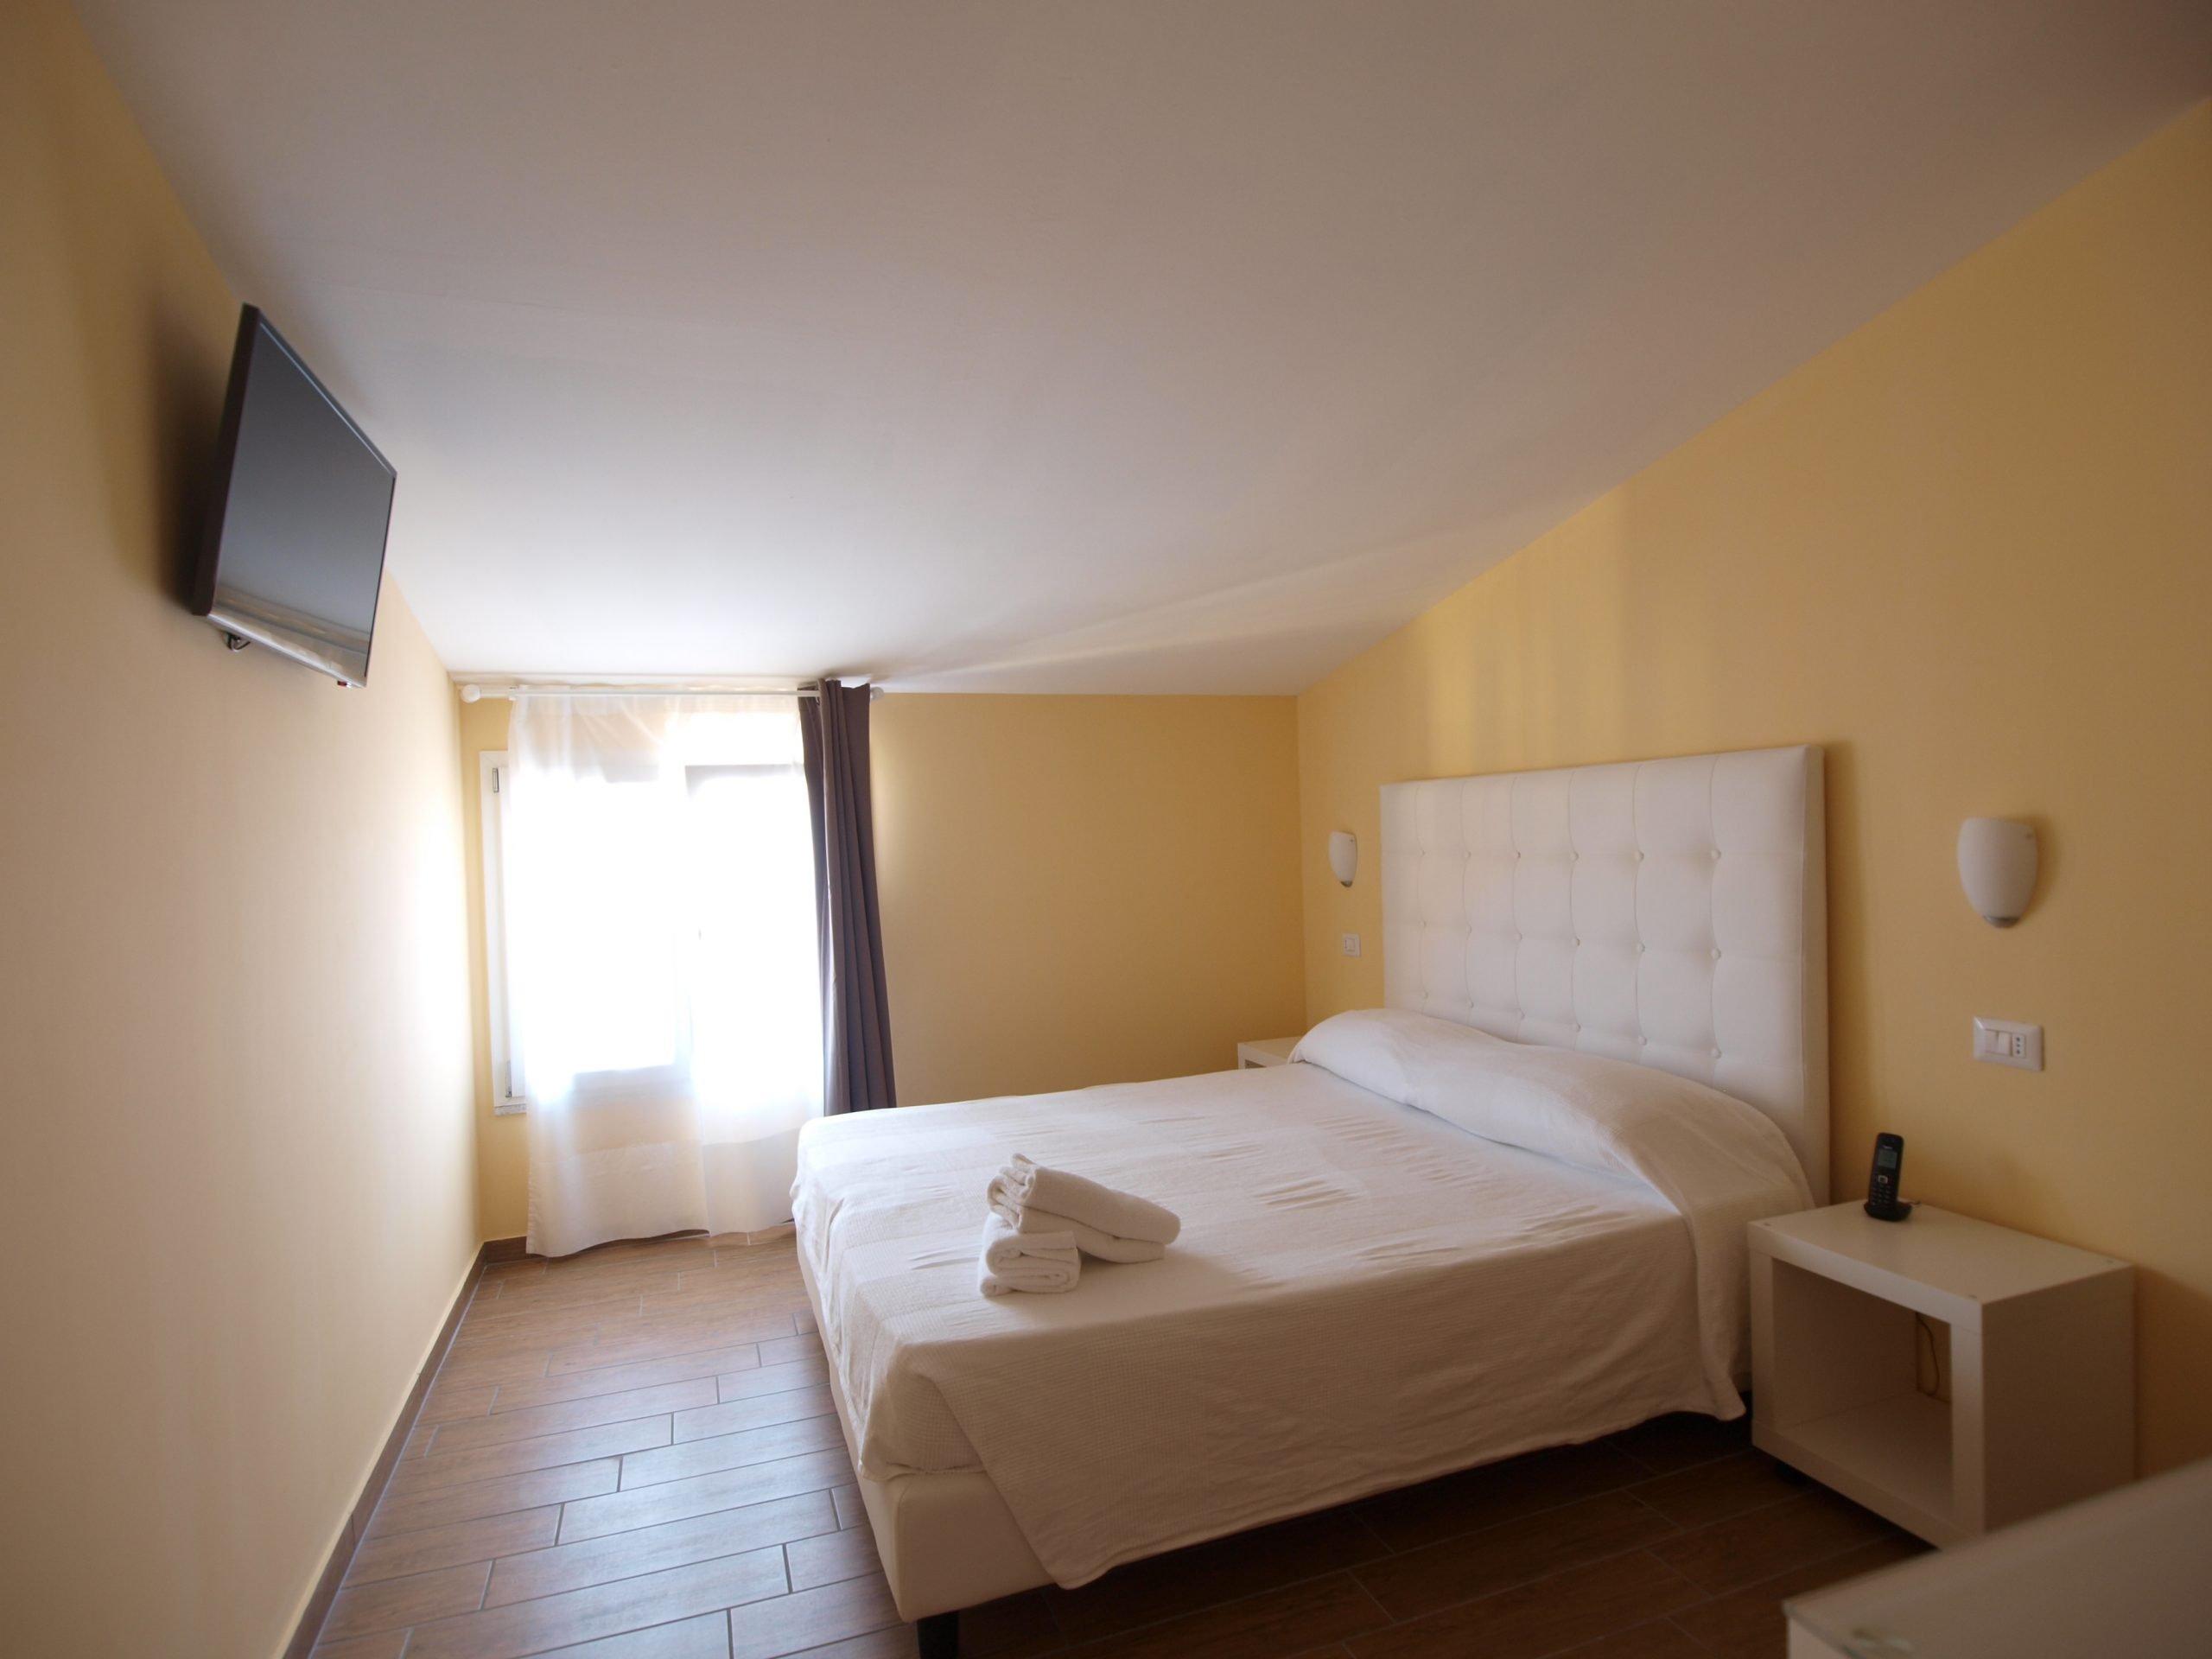 Via Mameli 5 GuestHouse Hotel, camere dotate di bagno privato, aria condizionata, WIFI gratuito, TV, SELF CHECK-IN, CHIAVI ELETTRONICHE